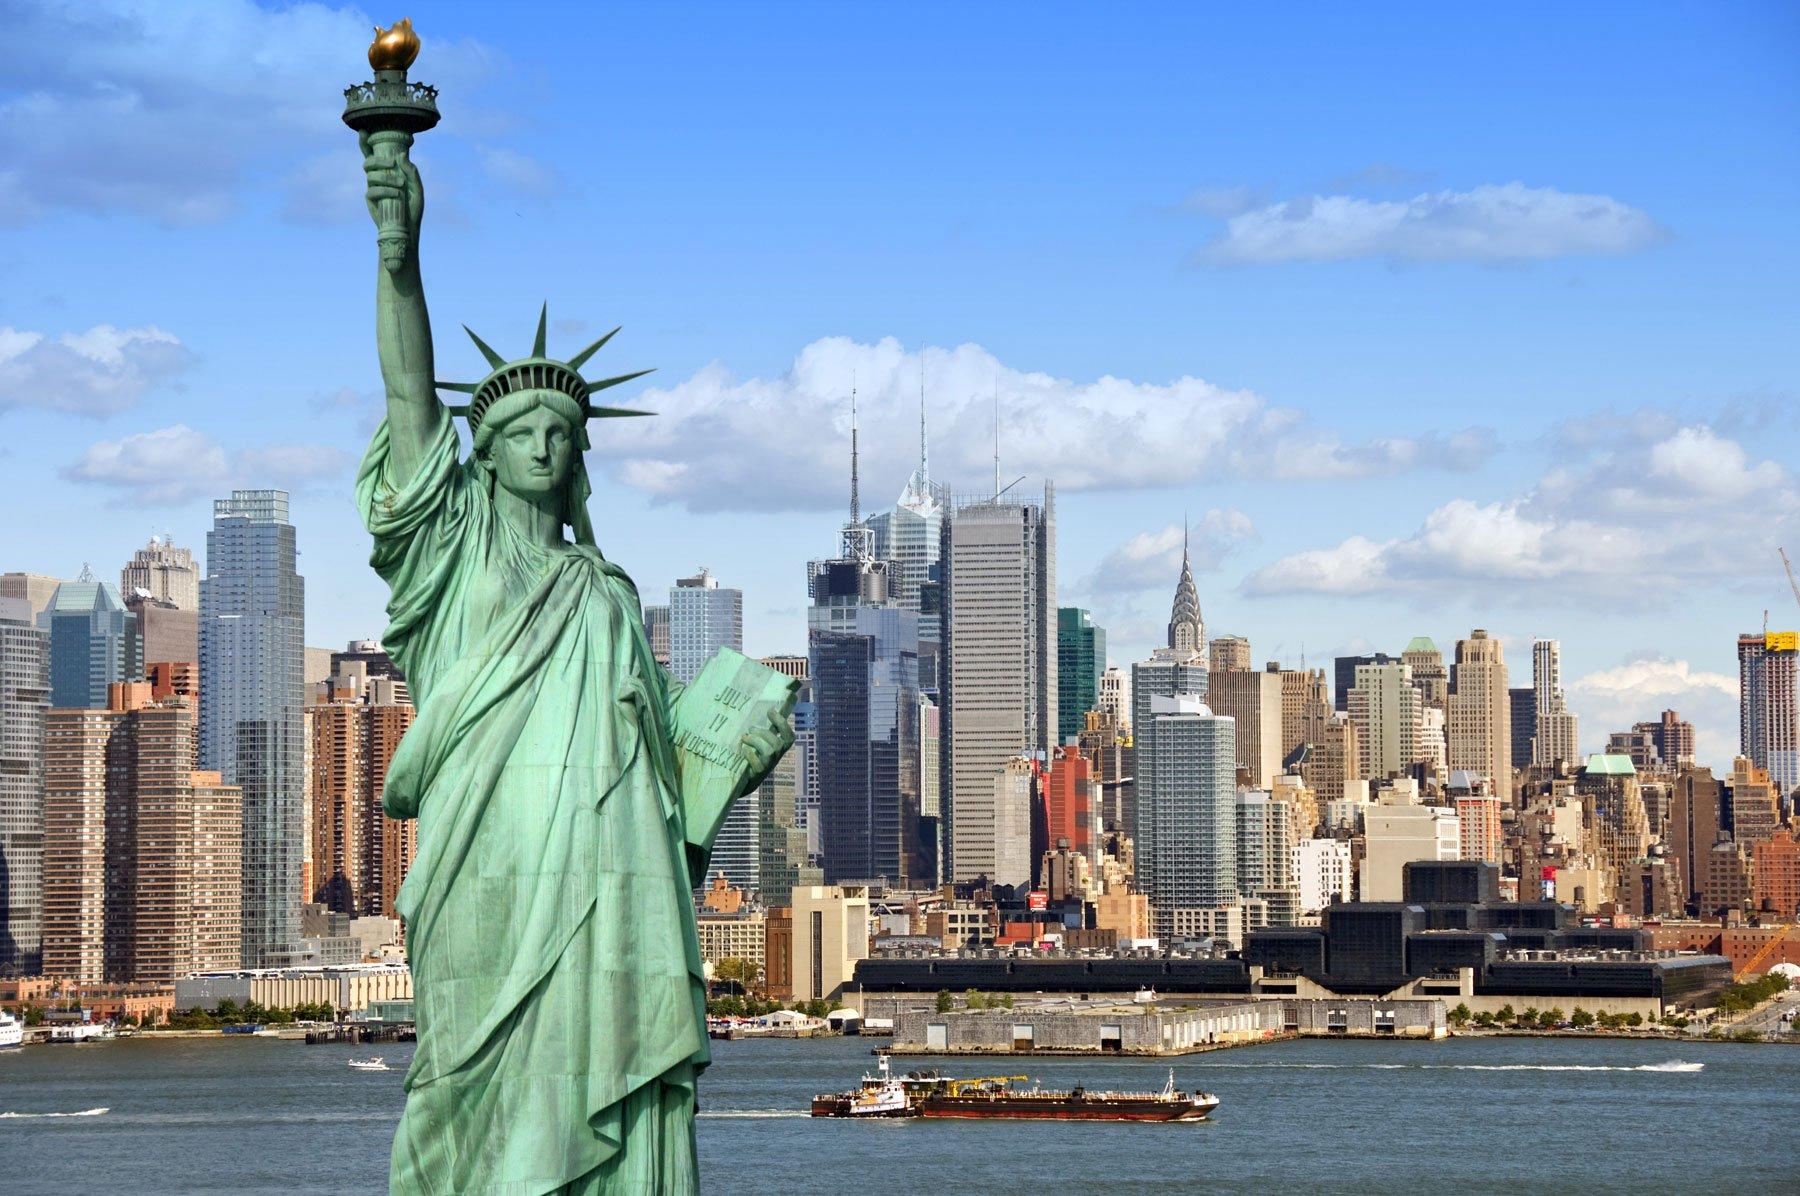 10 destinazioni viaggio di nozze all'estero: New York